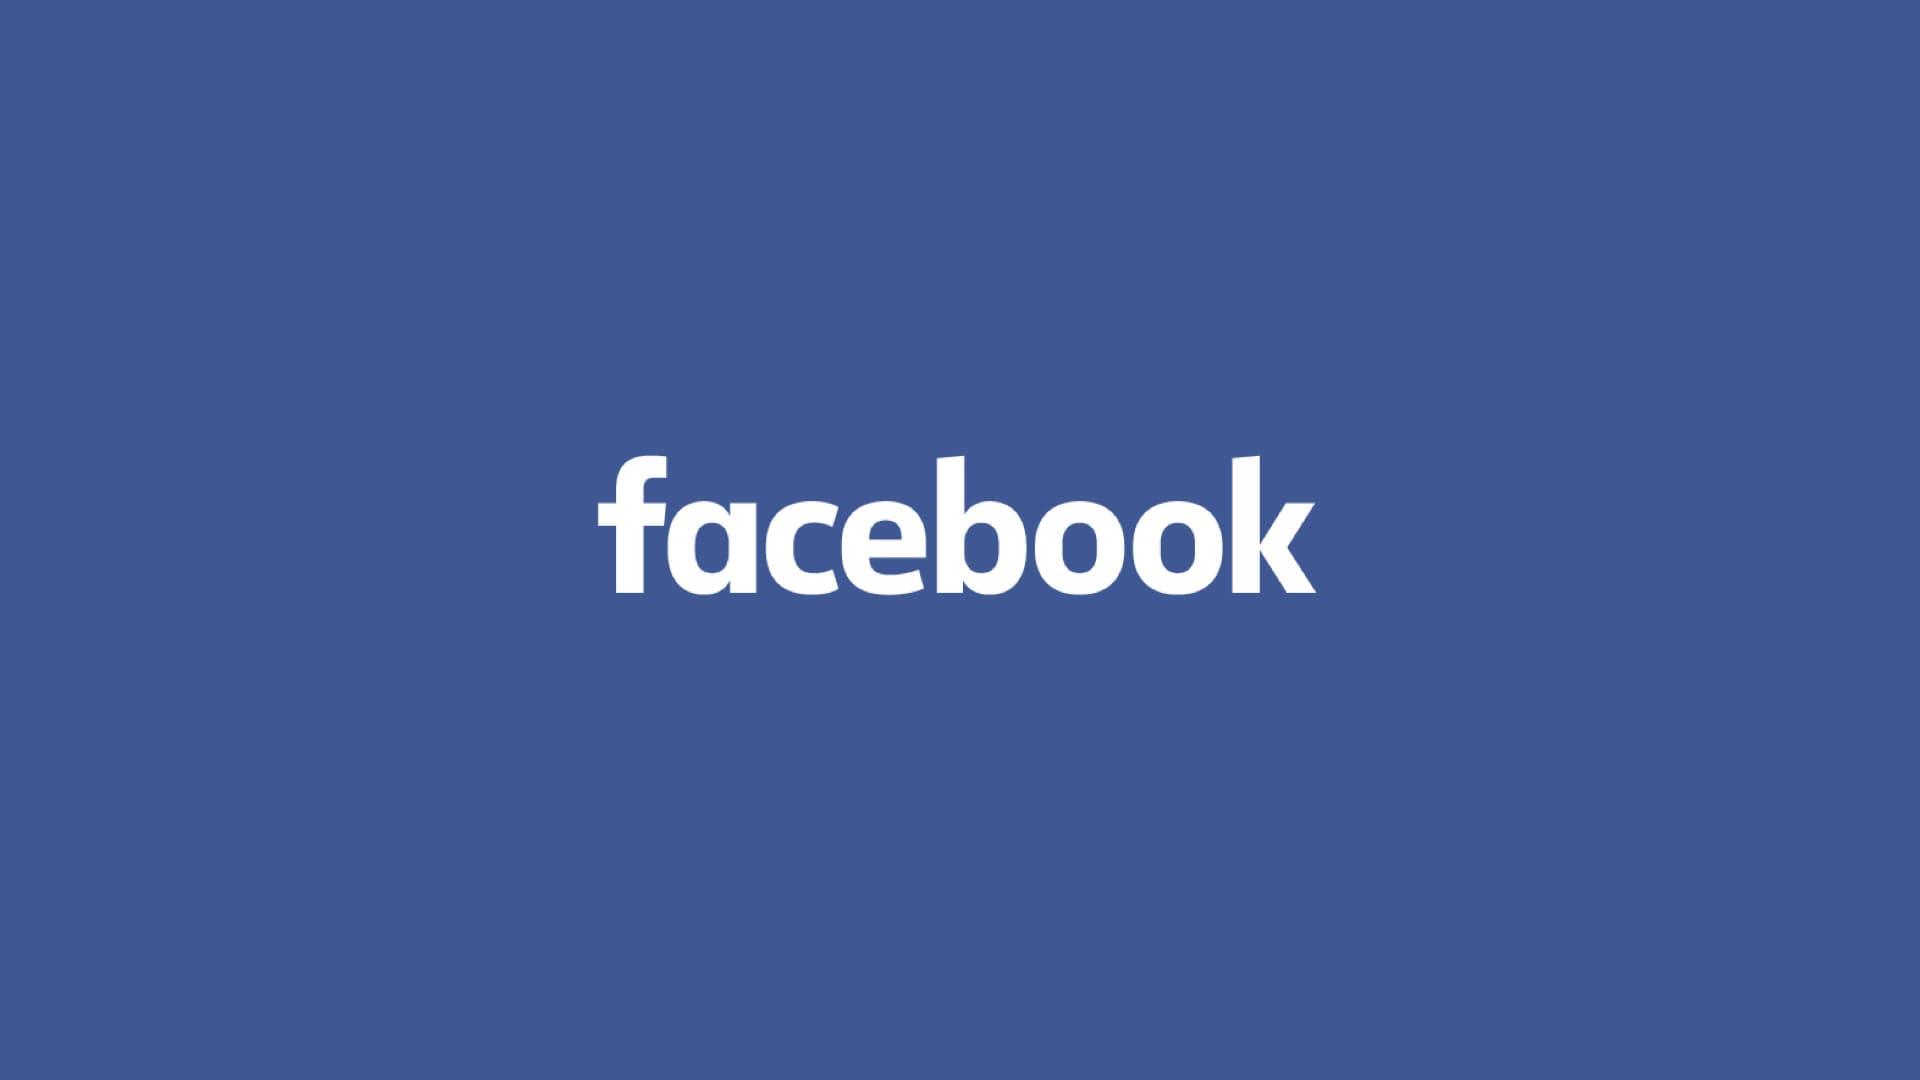 كيف تتحقق من انضمام شخص ما لفيسبوك؟ 1